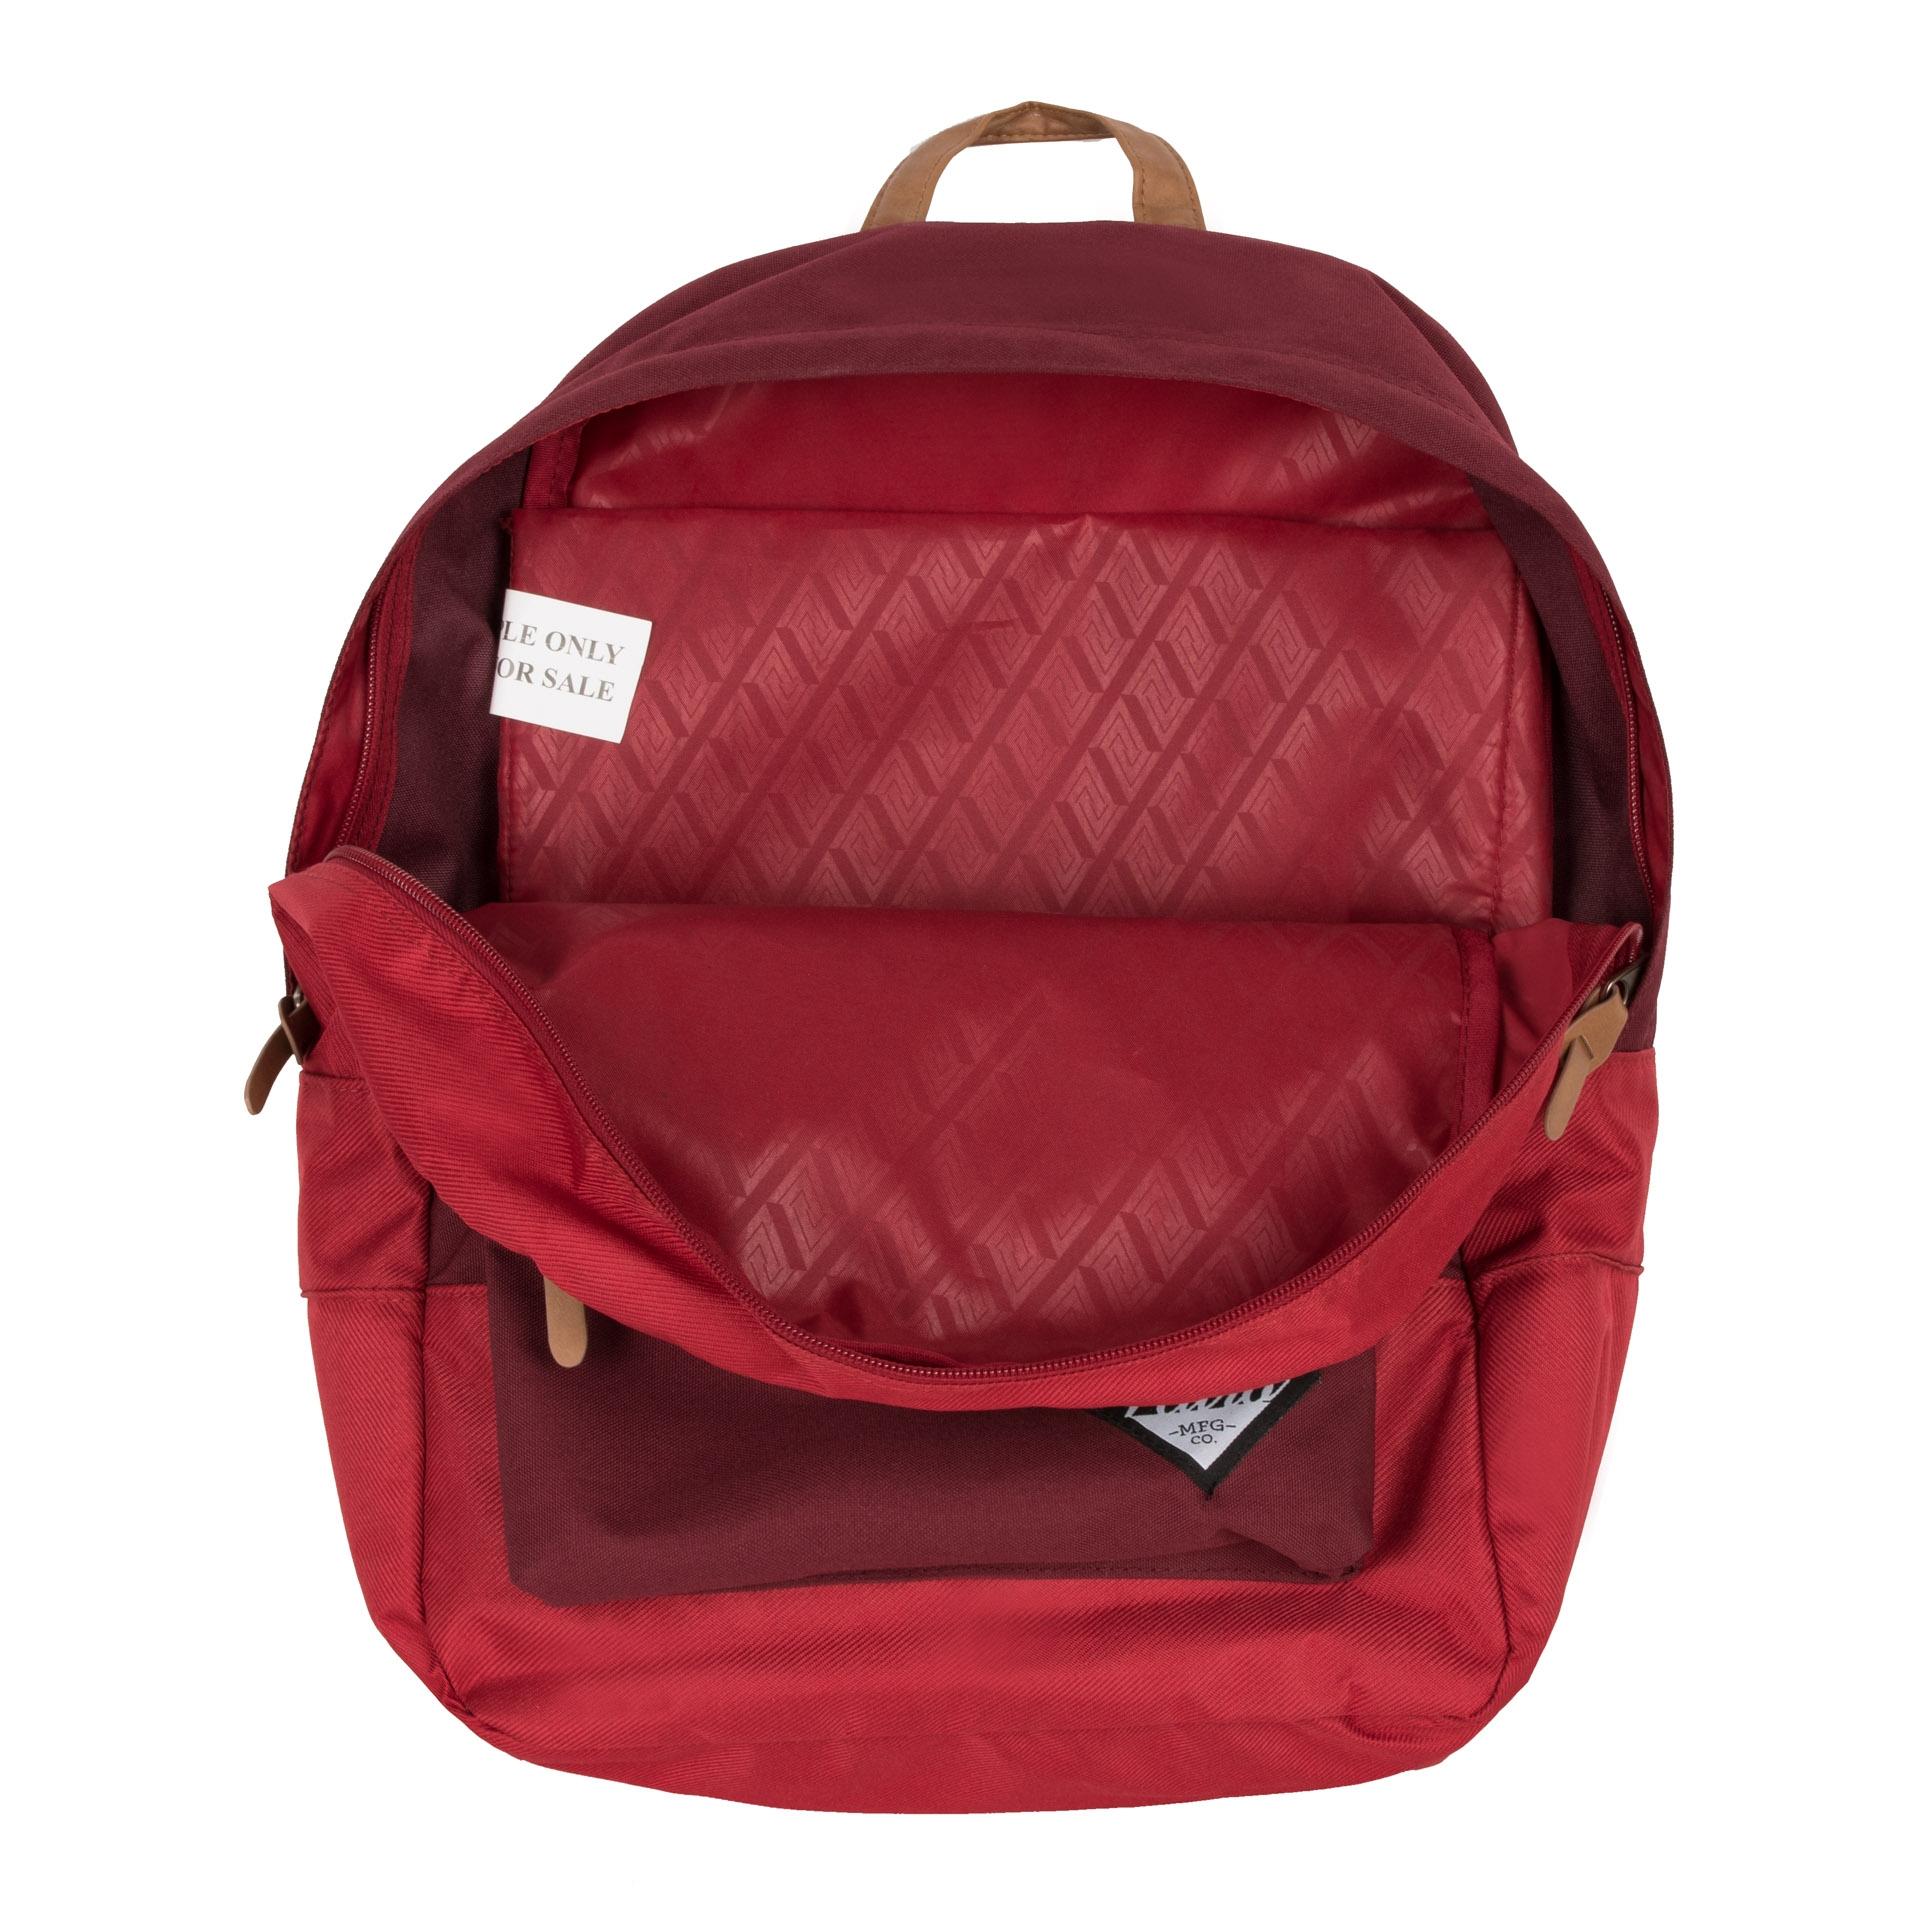 Nitro Urban Classic Chilli Hľadáte batoh menších rozmerov, ktorý by predsa splňoval vaše náročné požiadavky?